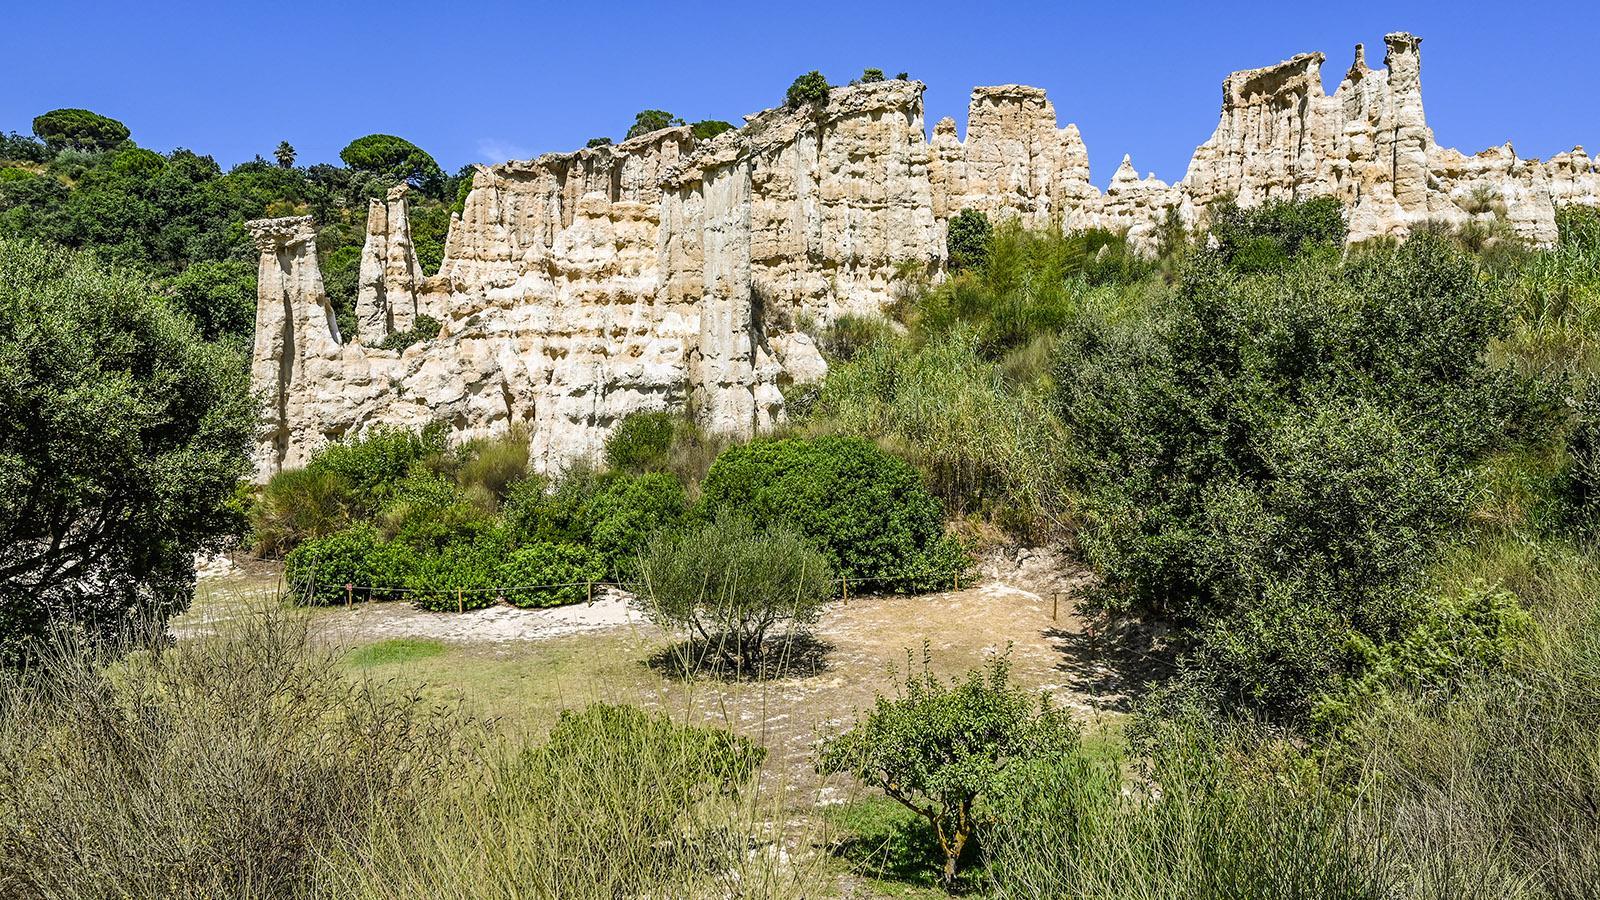 Les Orgues von Ille-sur-Têt: Die Erosion frisst sich sichtbar in die Felskanten. Foto: Hilke Maunder